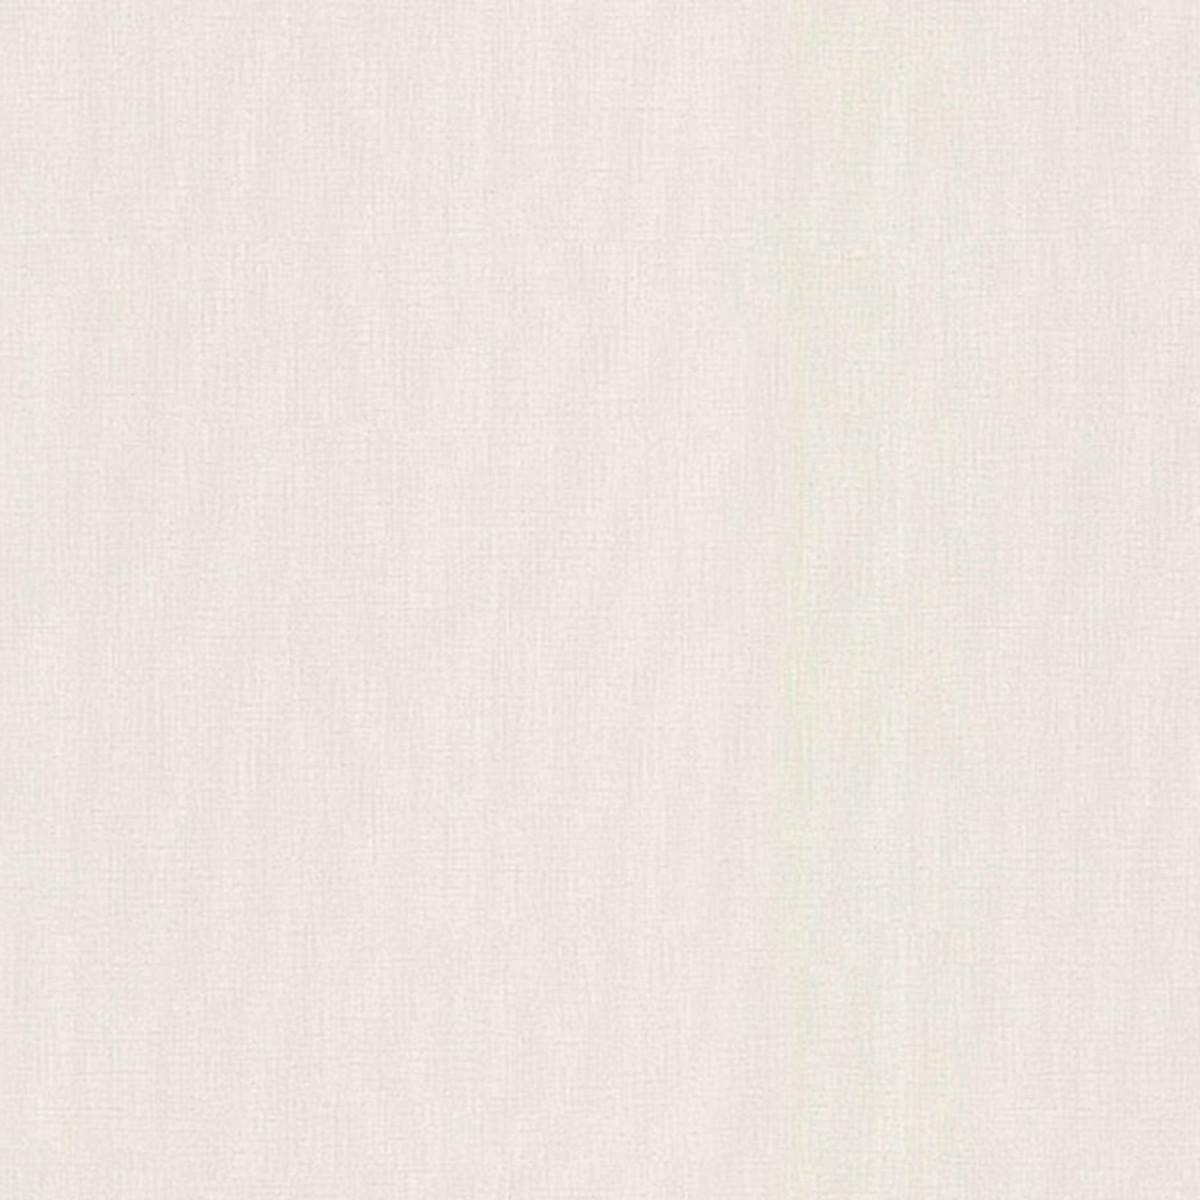 Обои флизелиновые Trend Color белые 1.06 м 71133-11